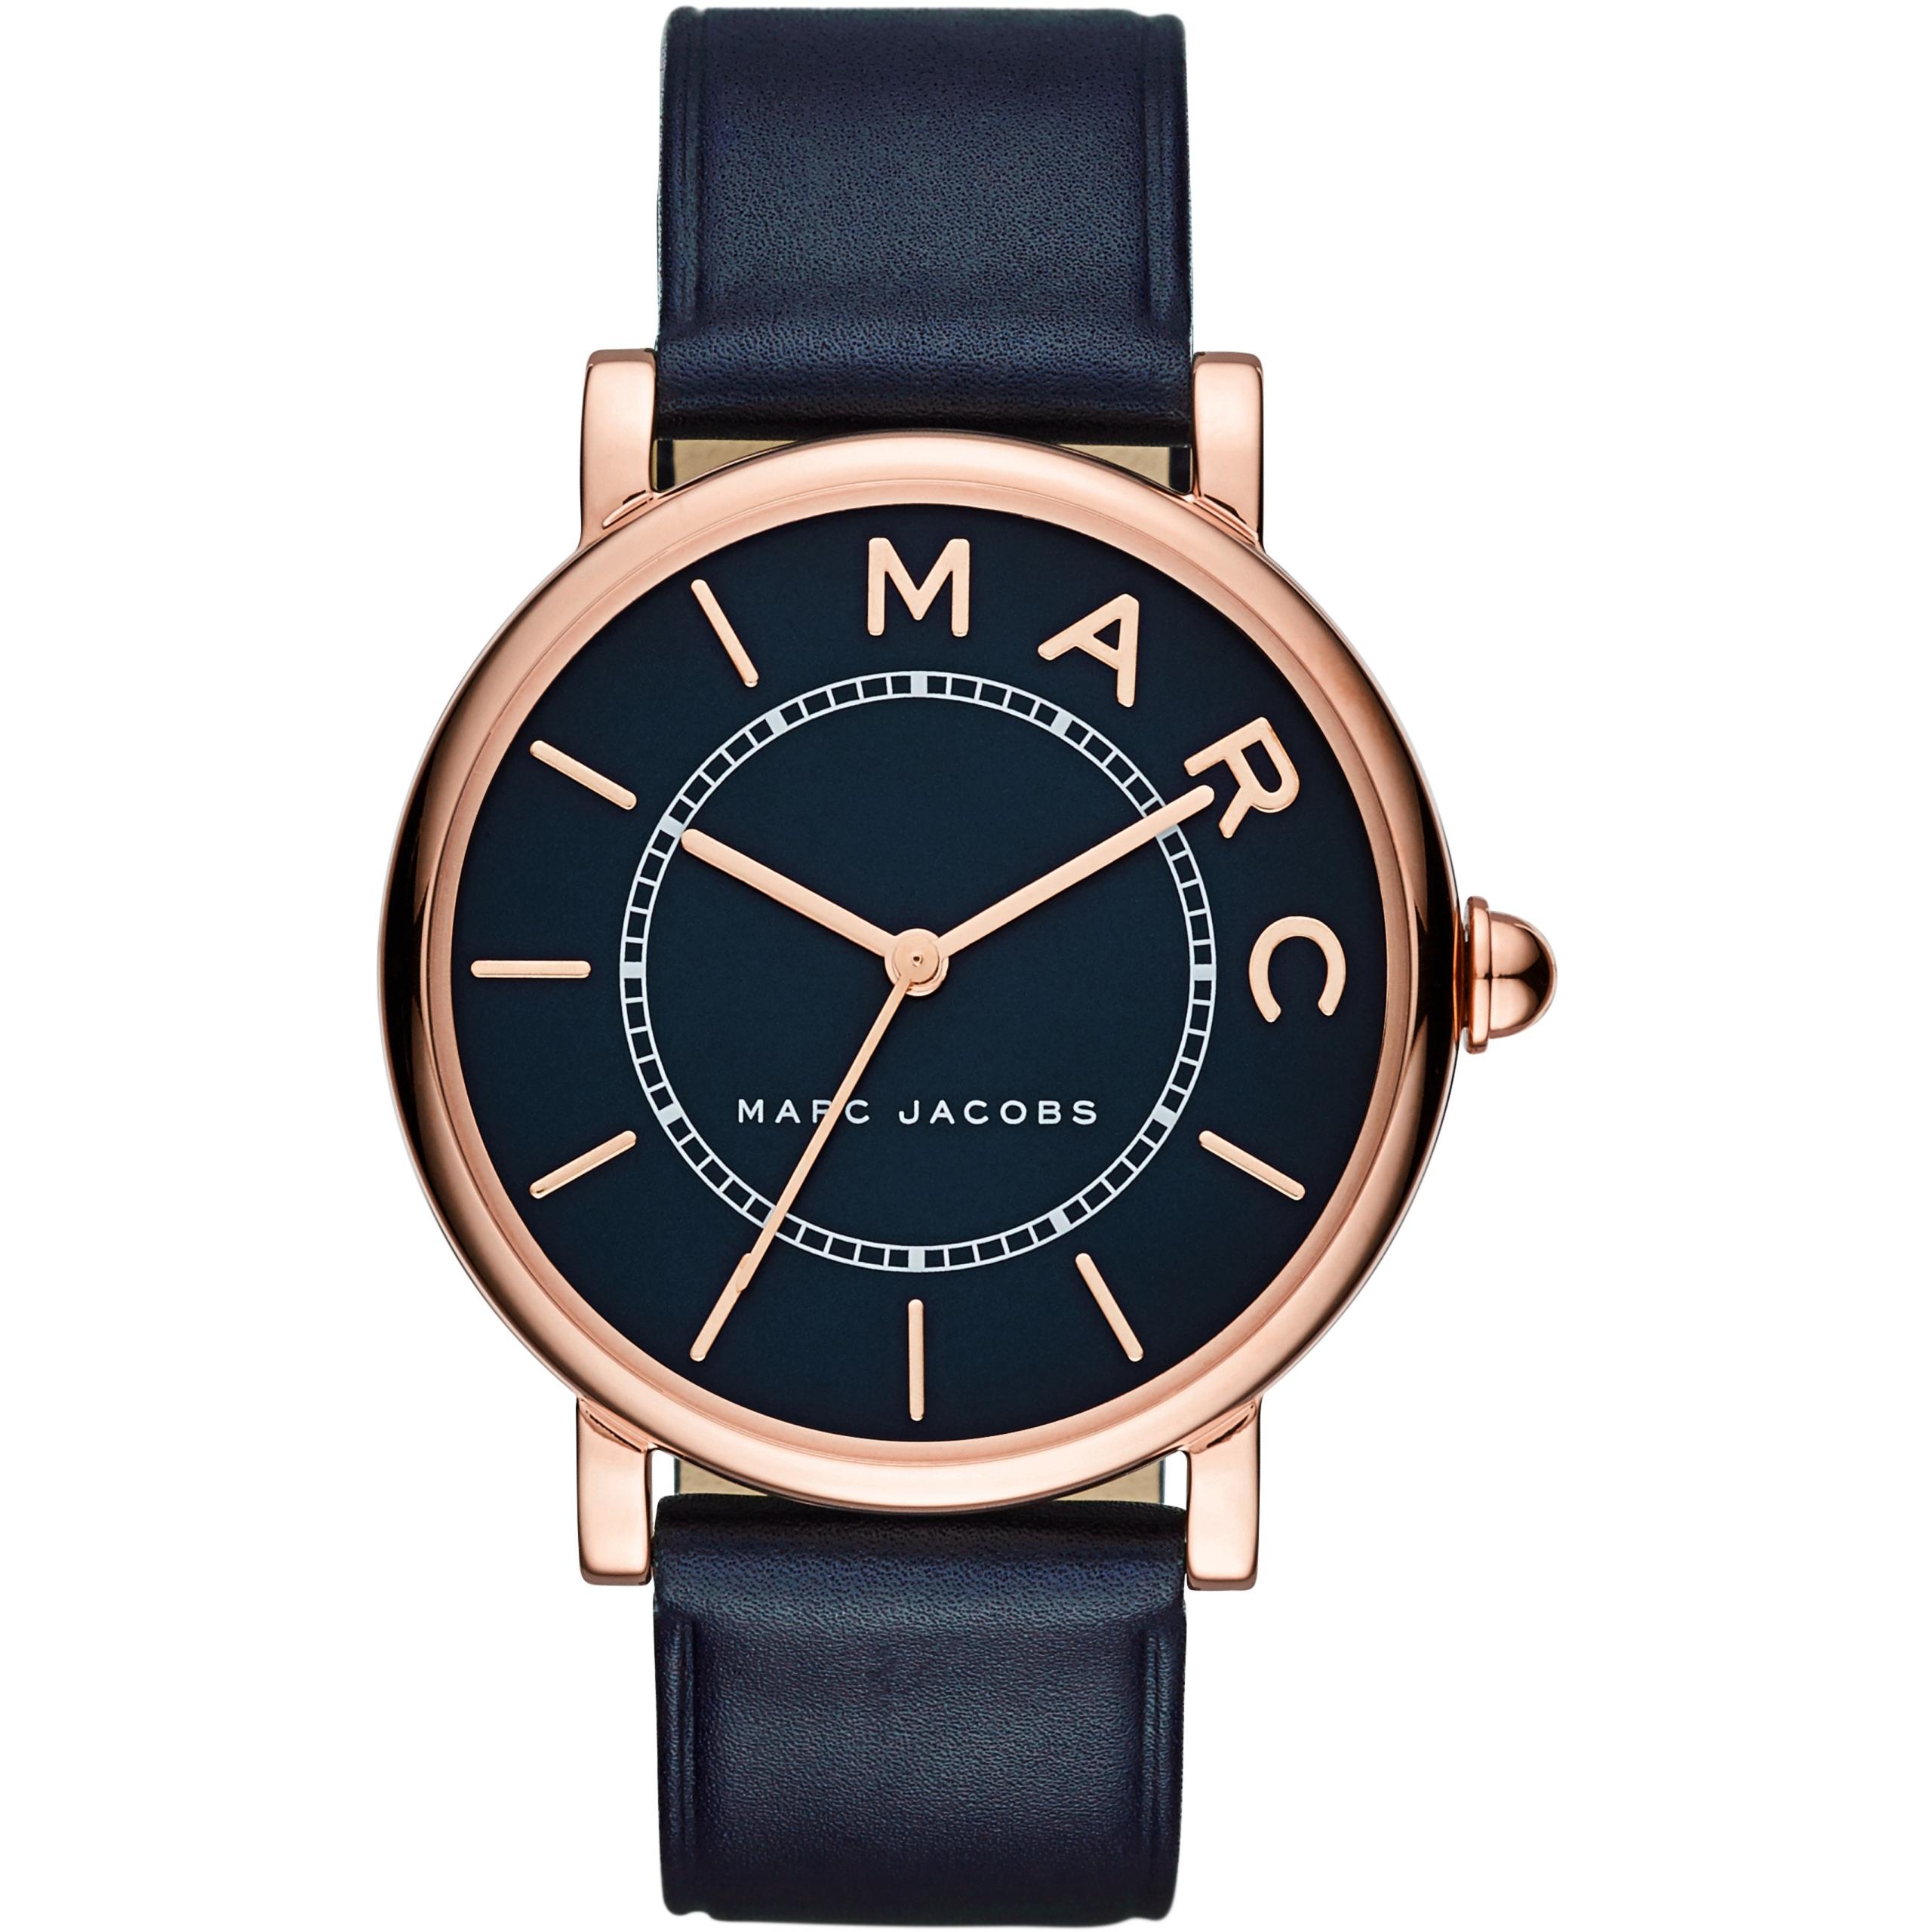 86b7f401cd Montre Femme Marc Jacobs Classic MJ1534 | FR | Watch Shop™